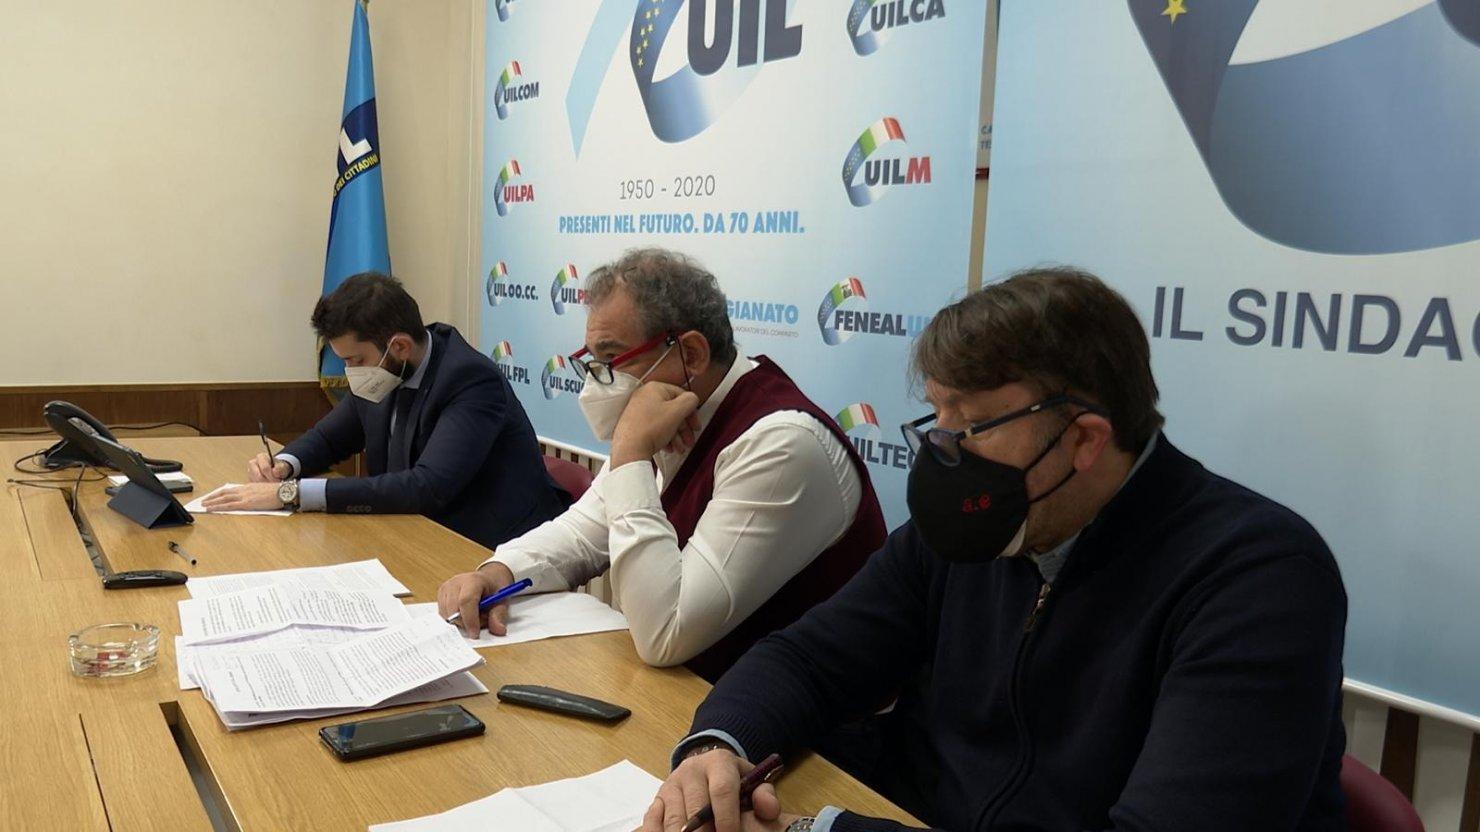 P.A. Librandi e Colombi (UIL) a Dadone: servono investimenti strutturali, non giochi a somma zero